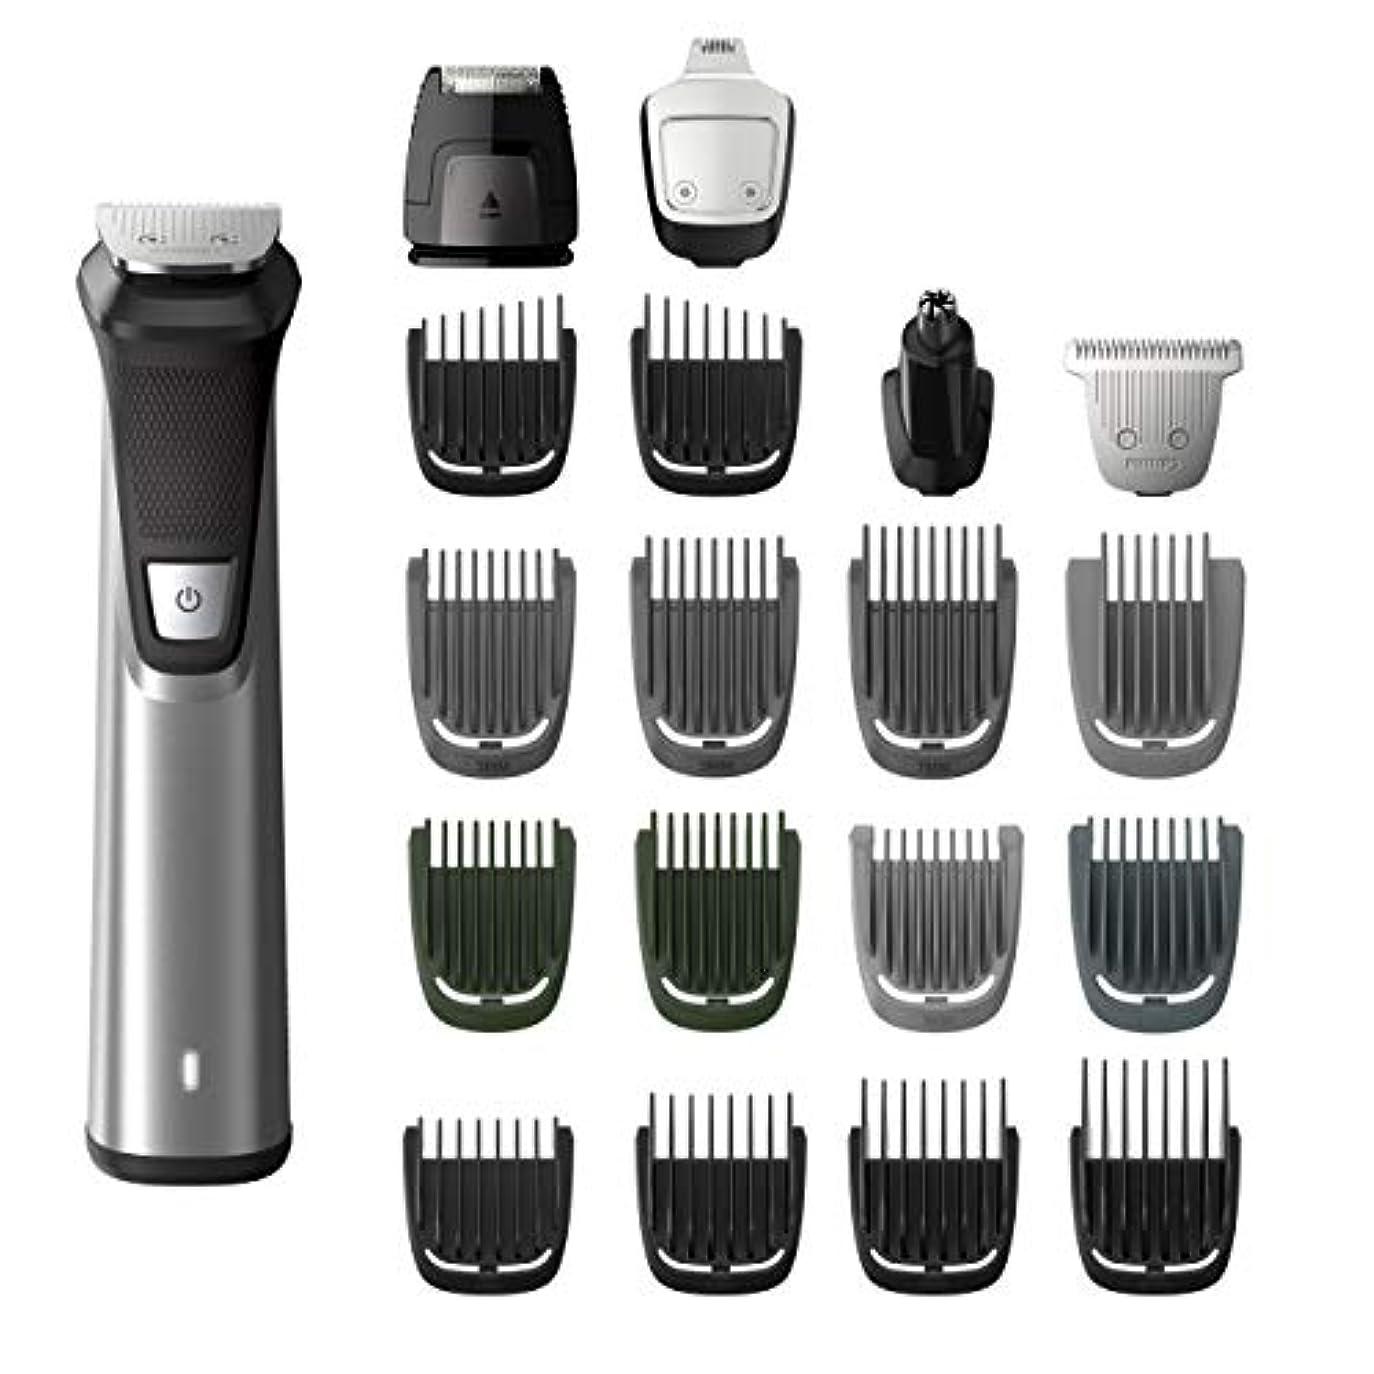 病院波紋軍艦Philips Norelco MG7750/49 Multigroom 7000 Face Styler and Grooming Kit, 23 Trimming Pieces, DualCut Technology...